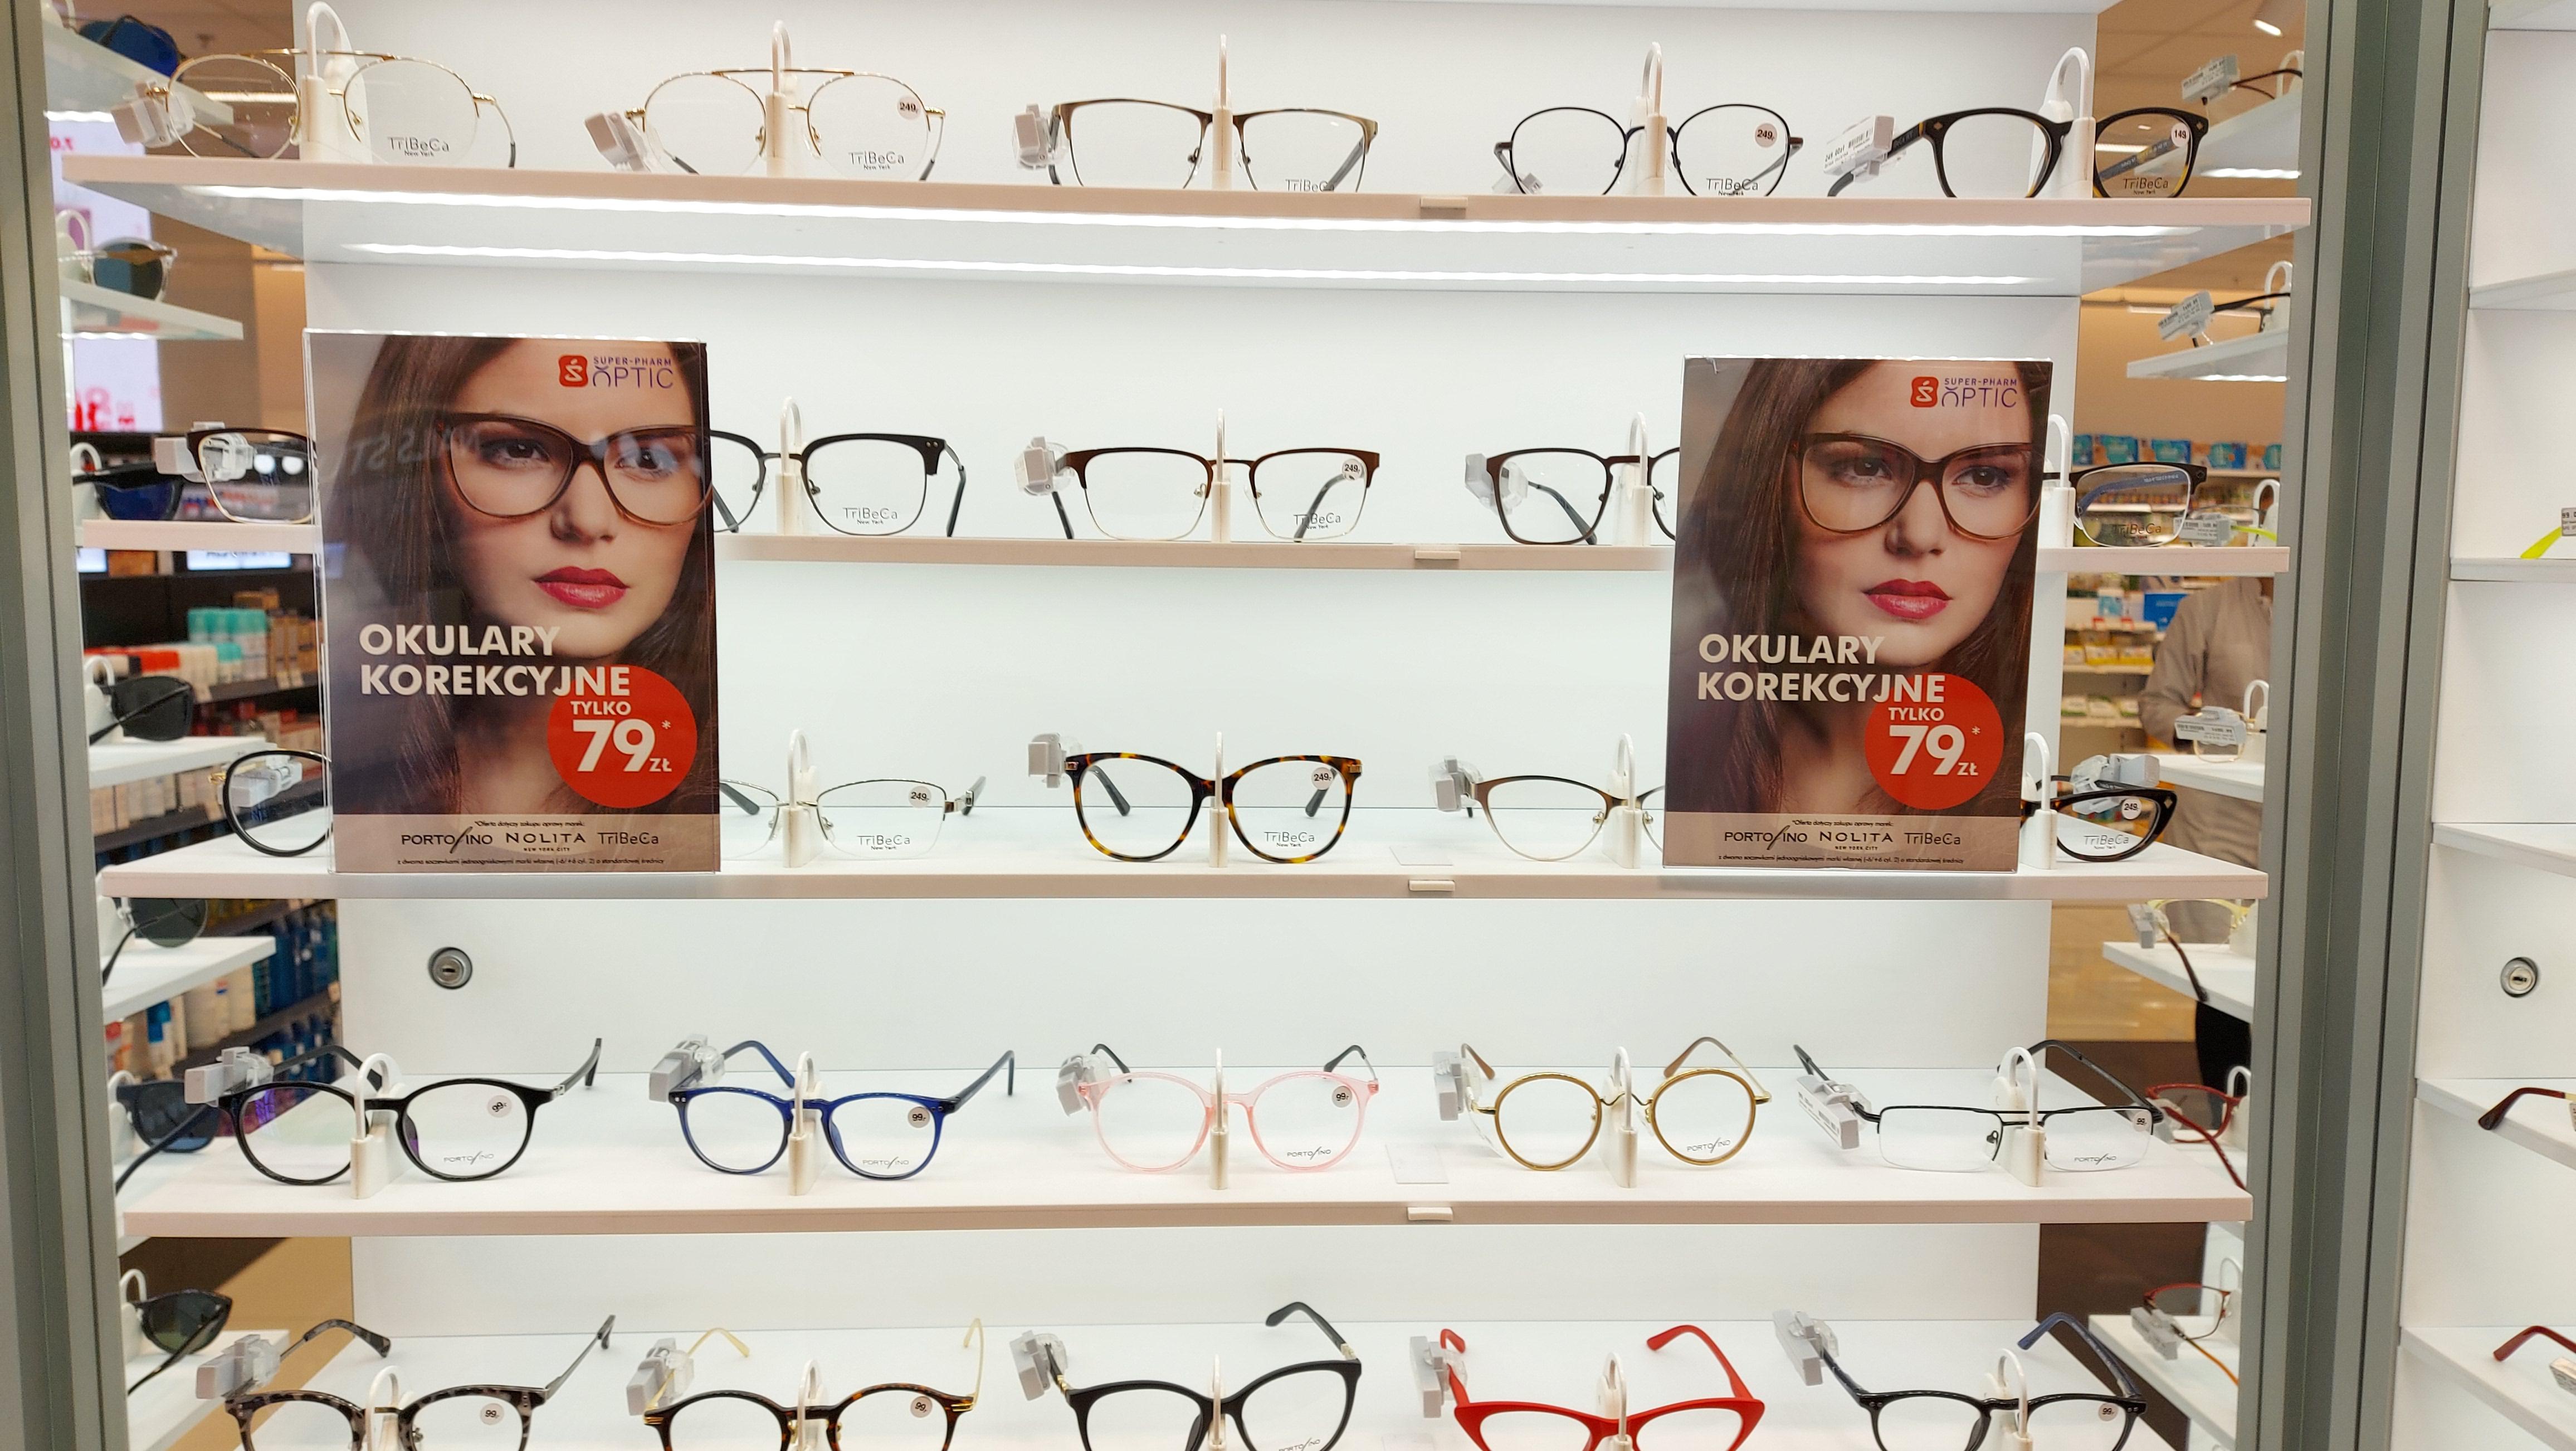 Okulary (oprawki+szkła) od -6 do +6 dioptrii za 79 zł +profesjonalne badanie wzroku za 1 zł 7 miast w Polsce Super-Pharm Optic